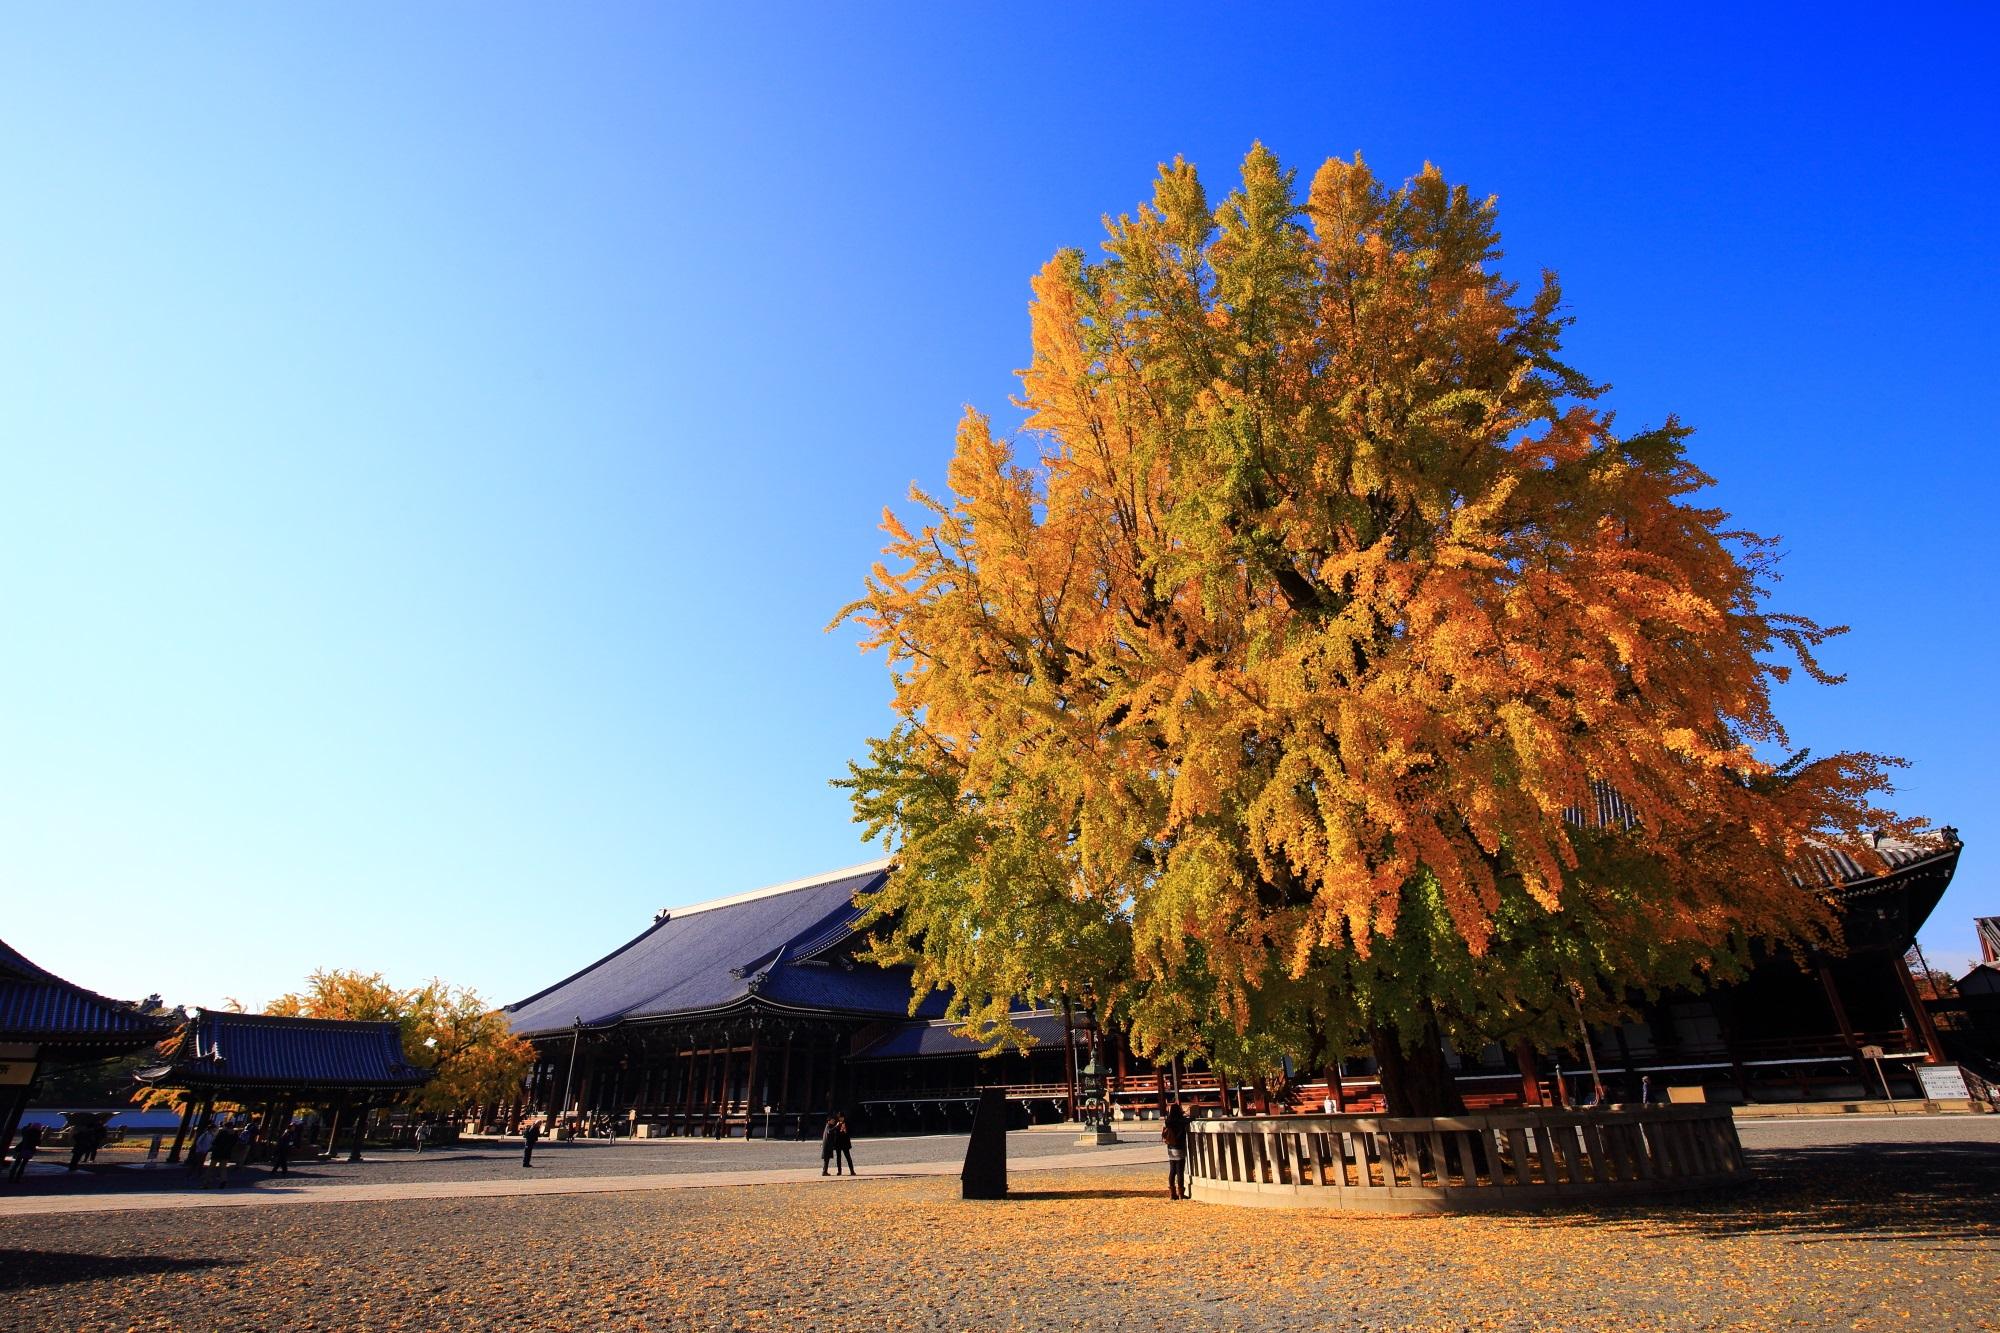 西本願寺 いちょう 黄葉 黄金にそまる銀杏の名所